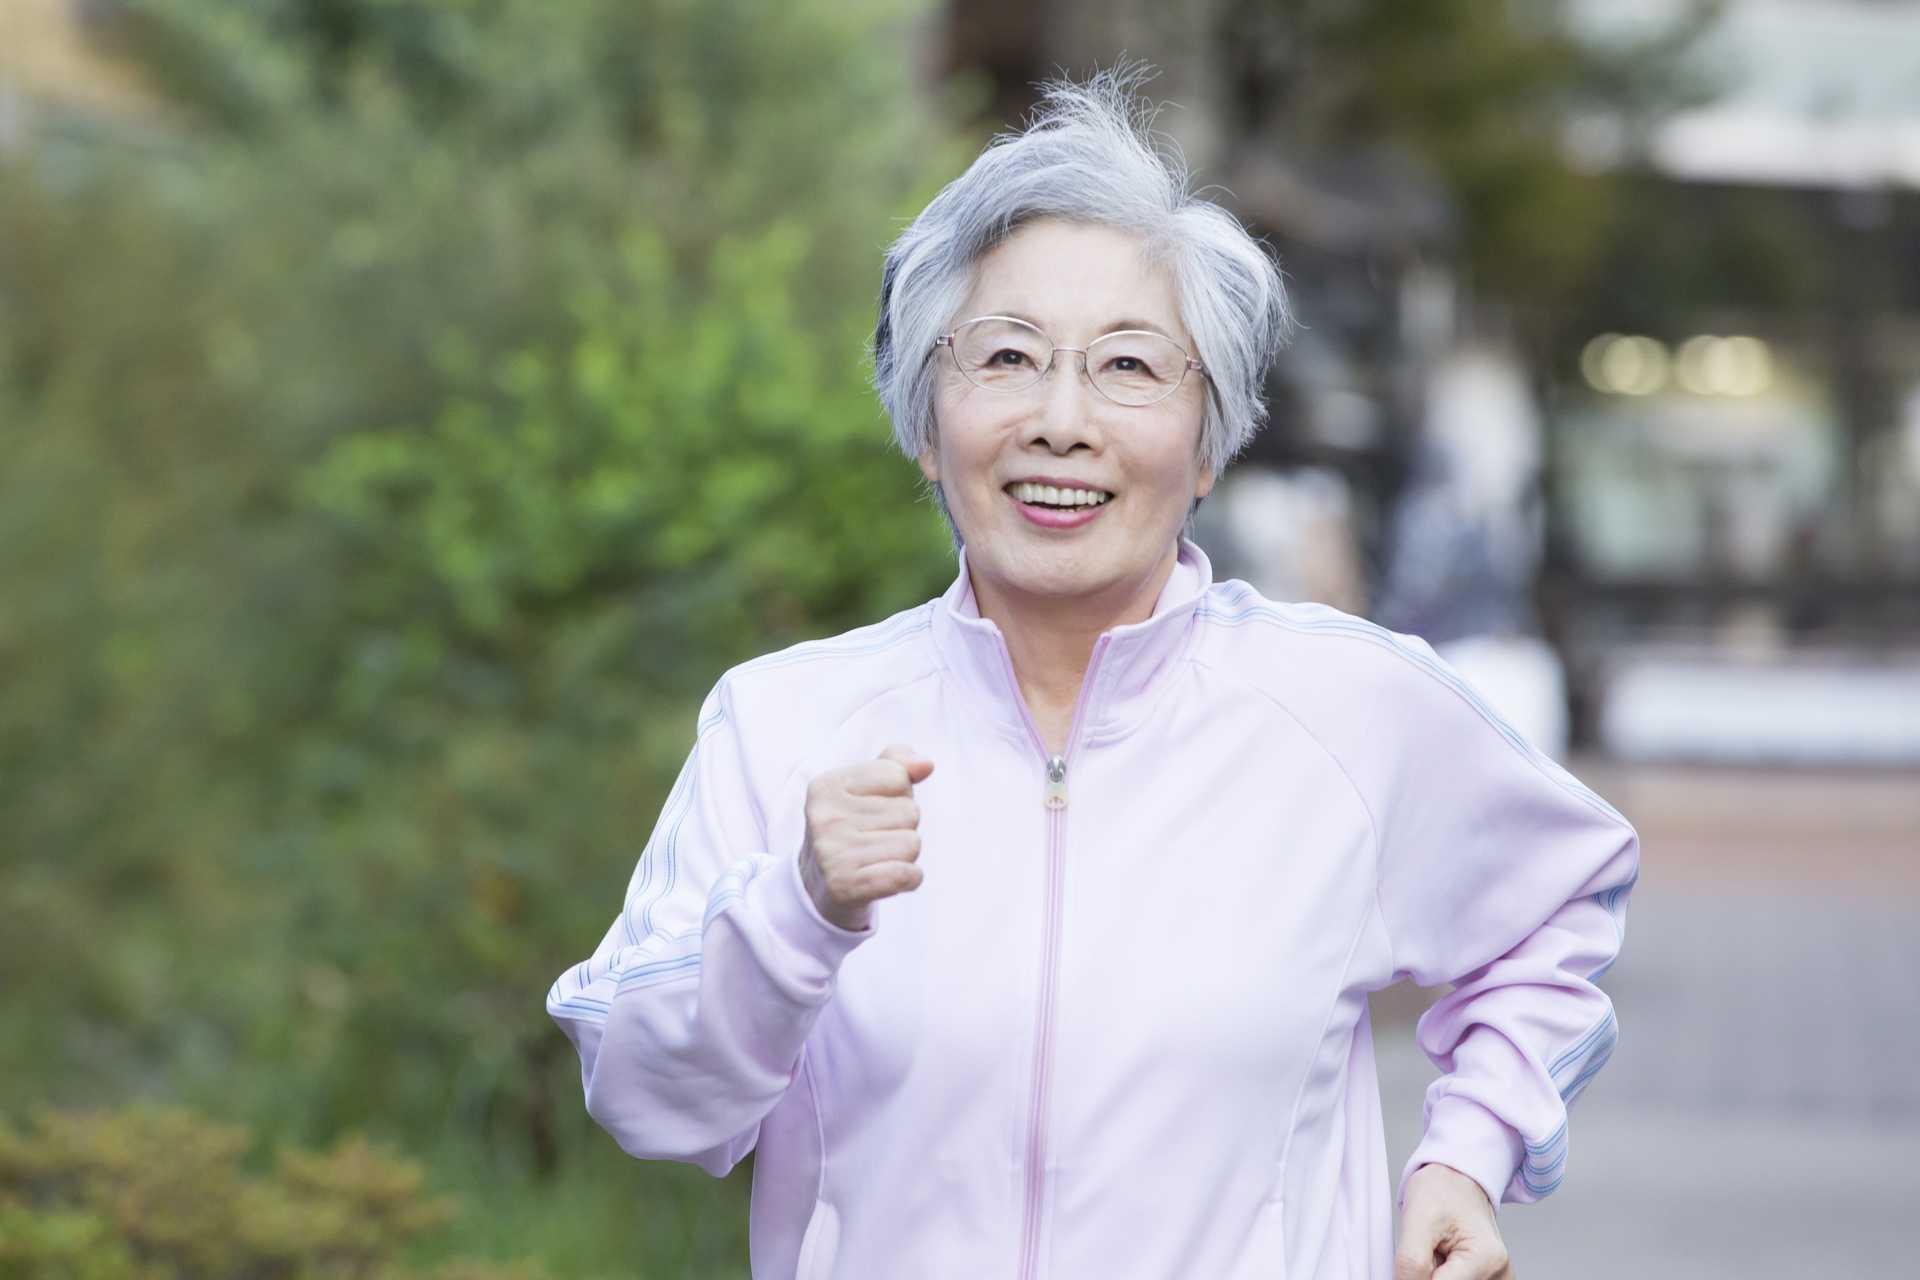 姿勢が悪いから疲れやすい。疲れるから、余計に姿勢が悪くなる悪循環。 | 脳を刺激する30の歩き方